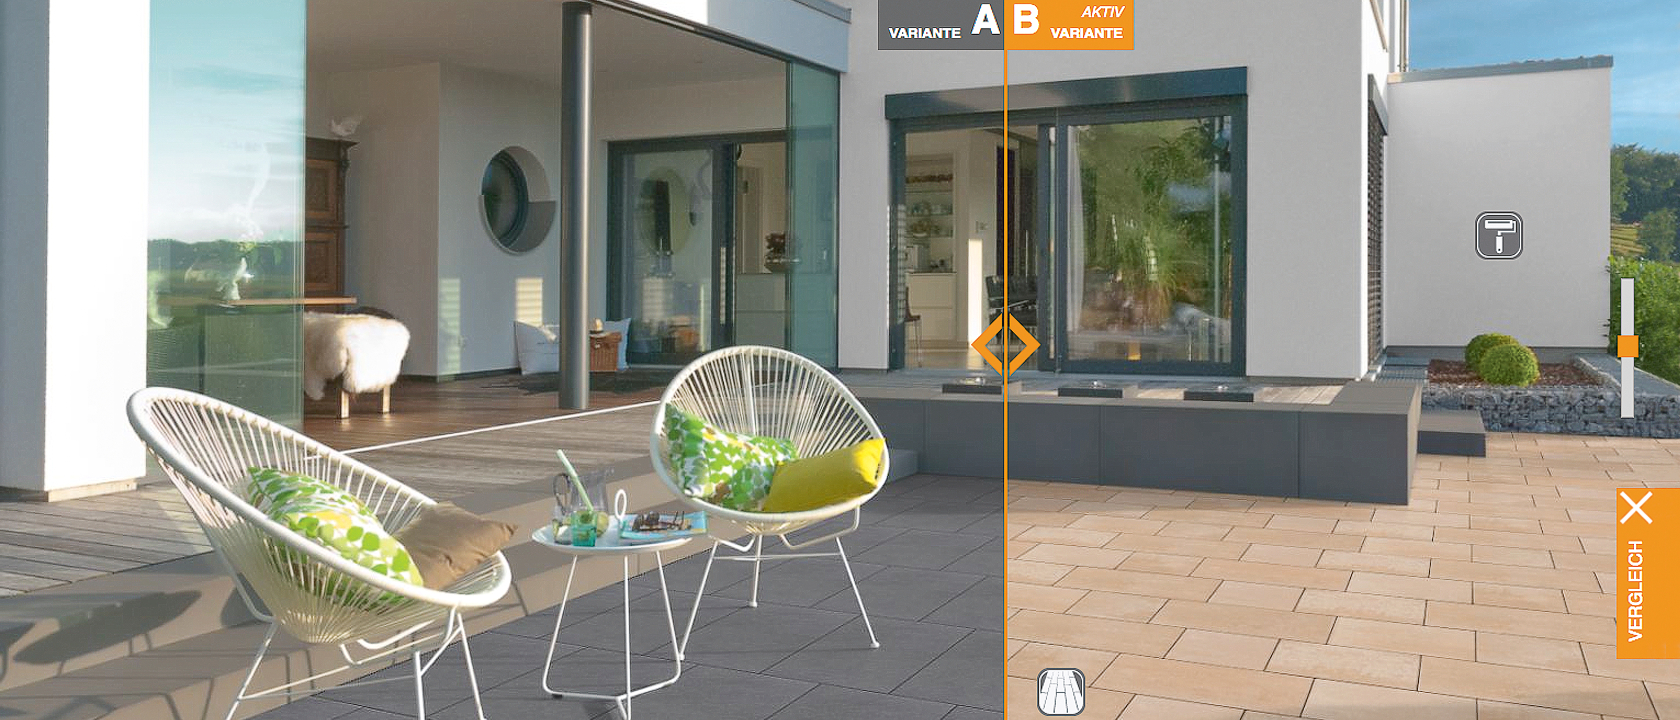 Screenshot des Programms Gartenvision, zum Visualisieren der Gartengestaltung.